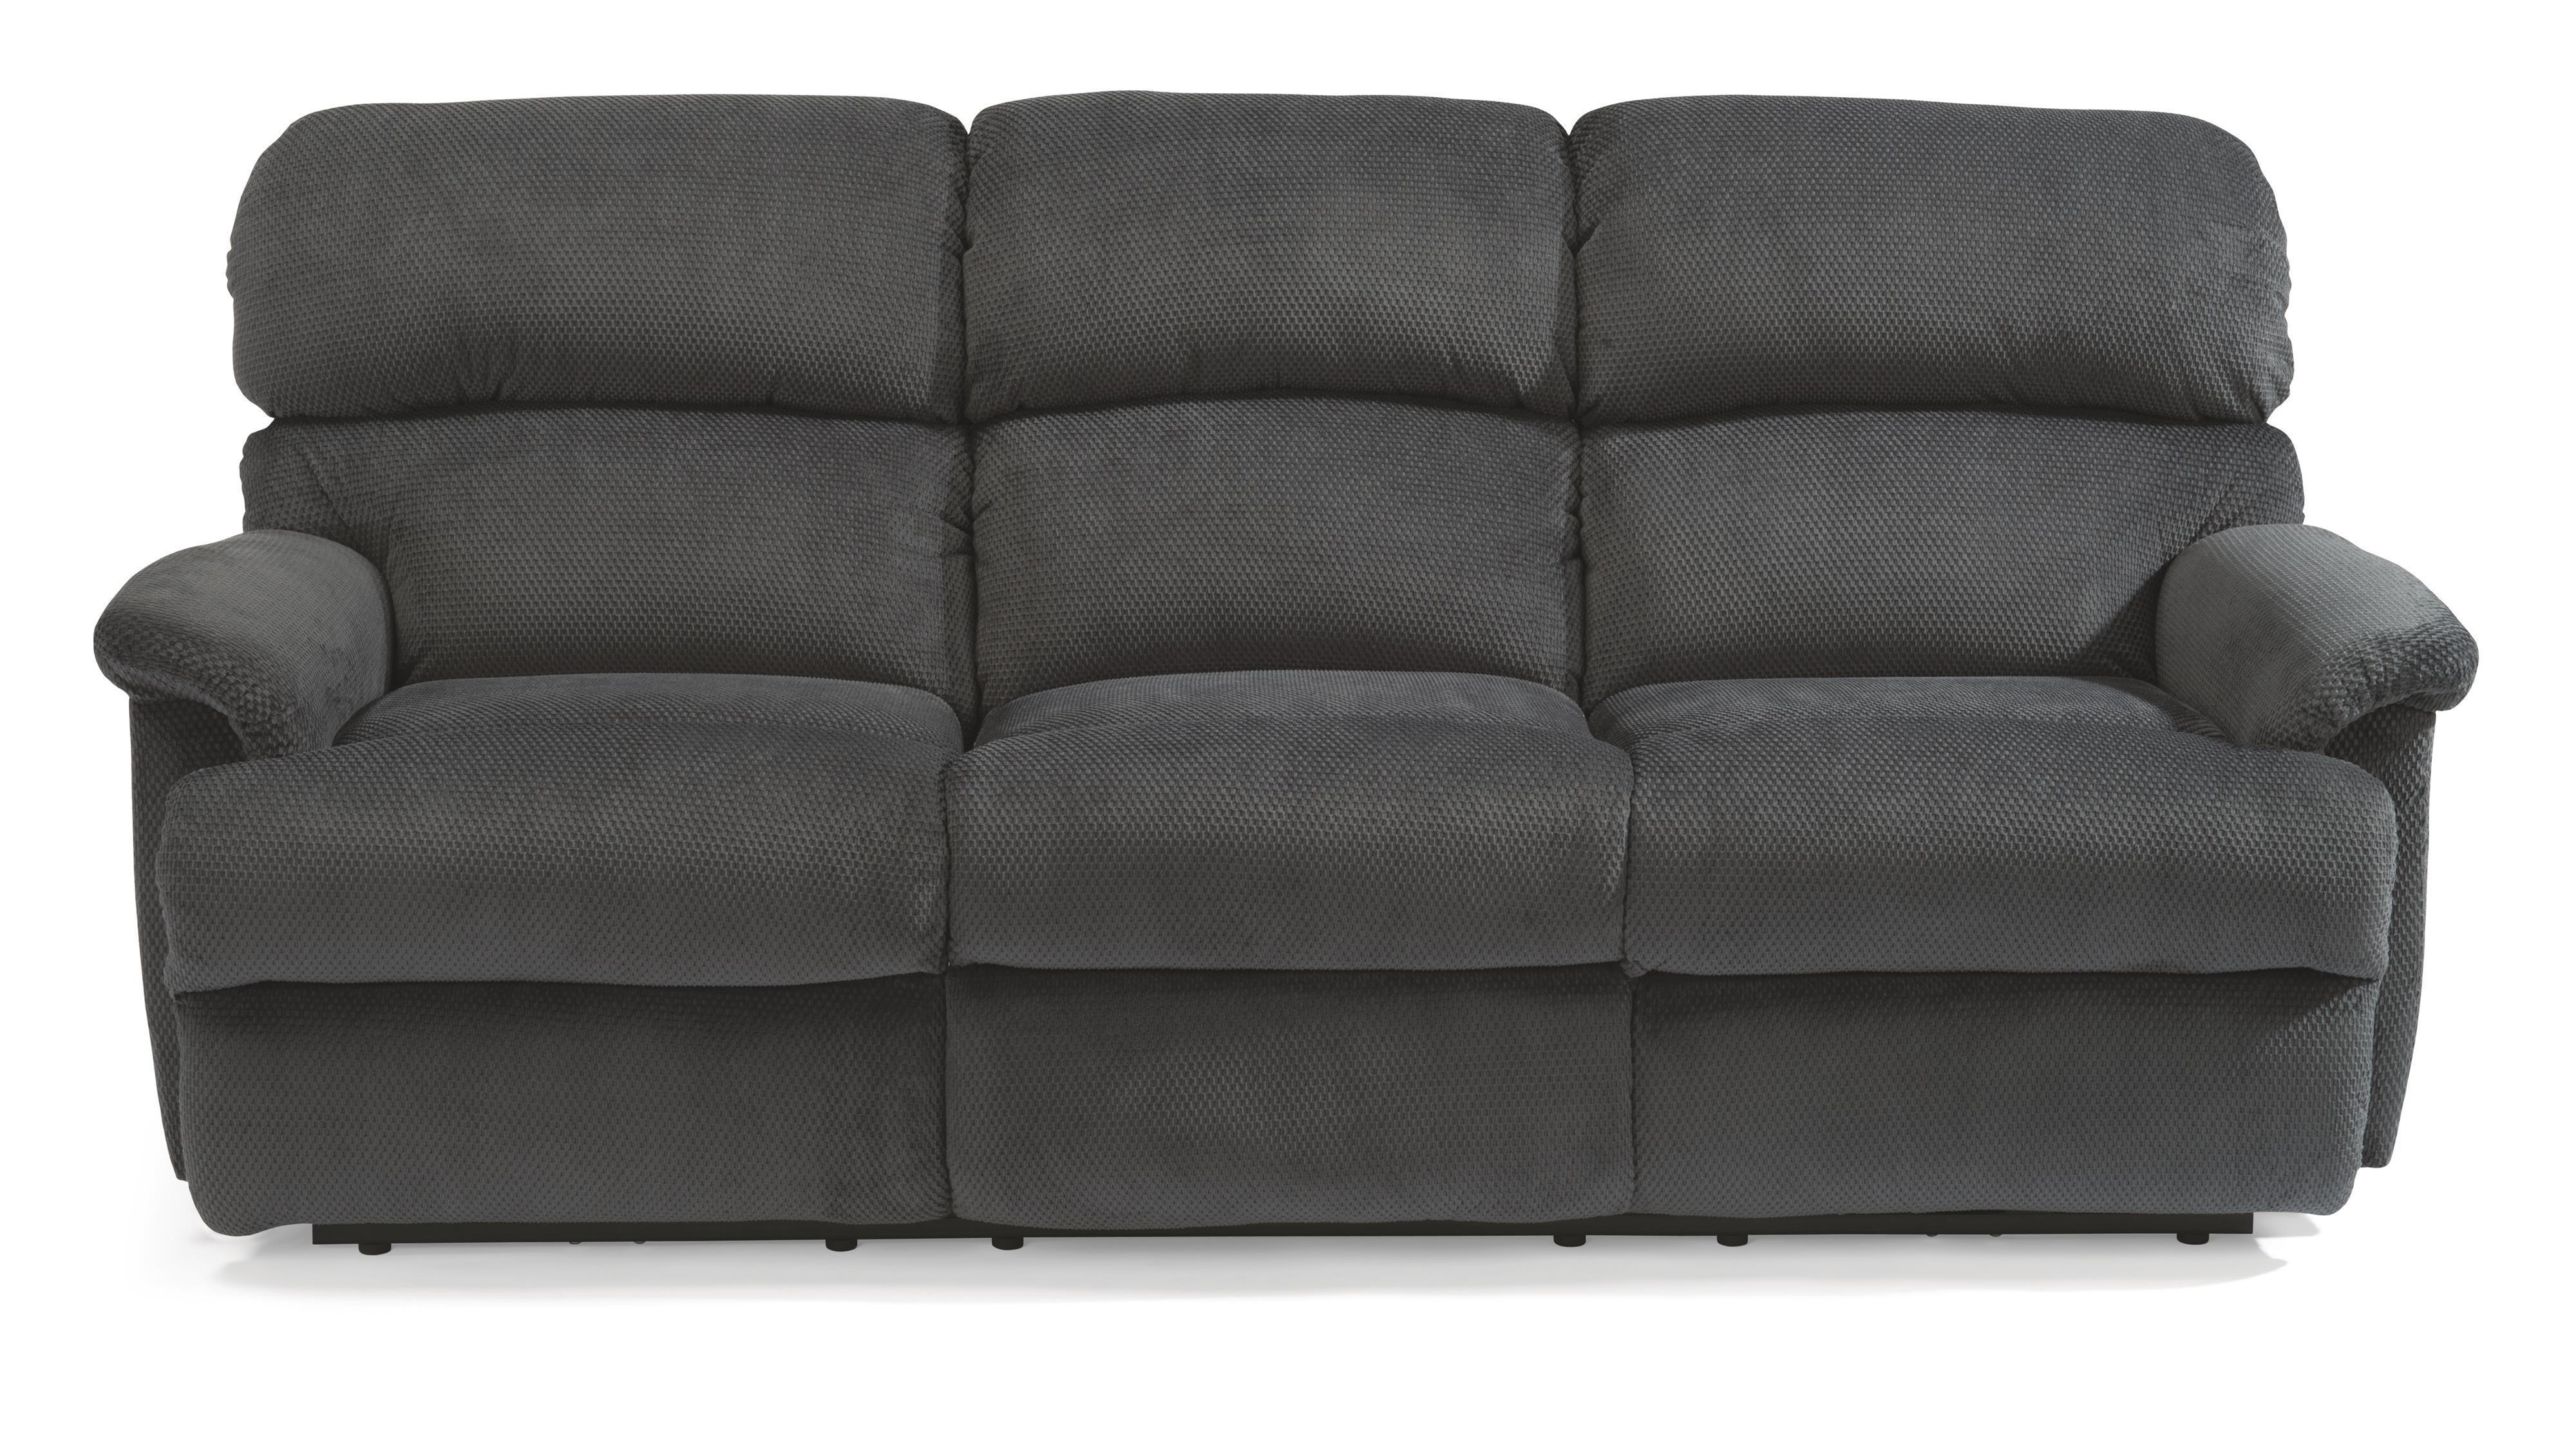 Flexsteel Chicago Reclining Sofa - Item Number: 7066-62M